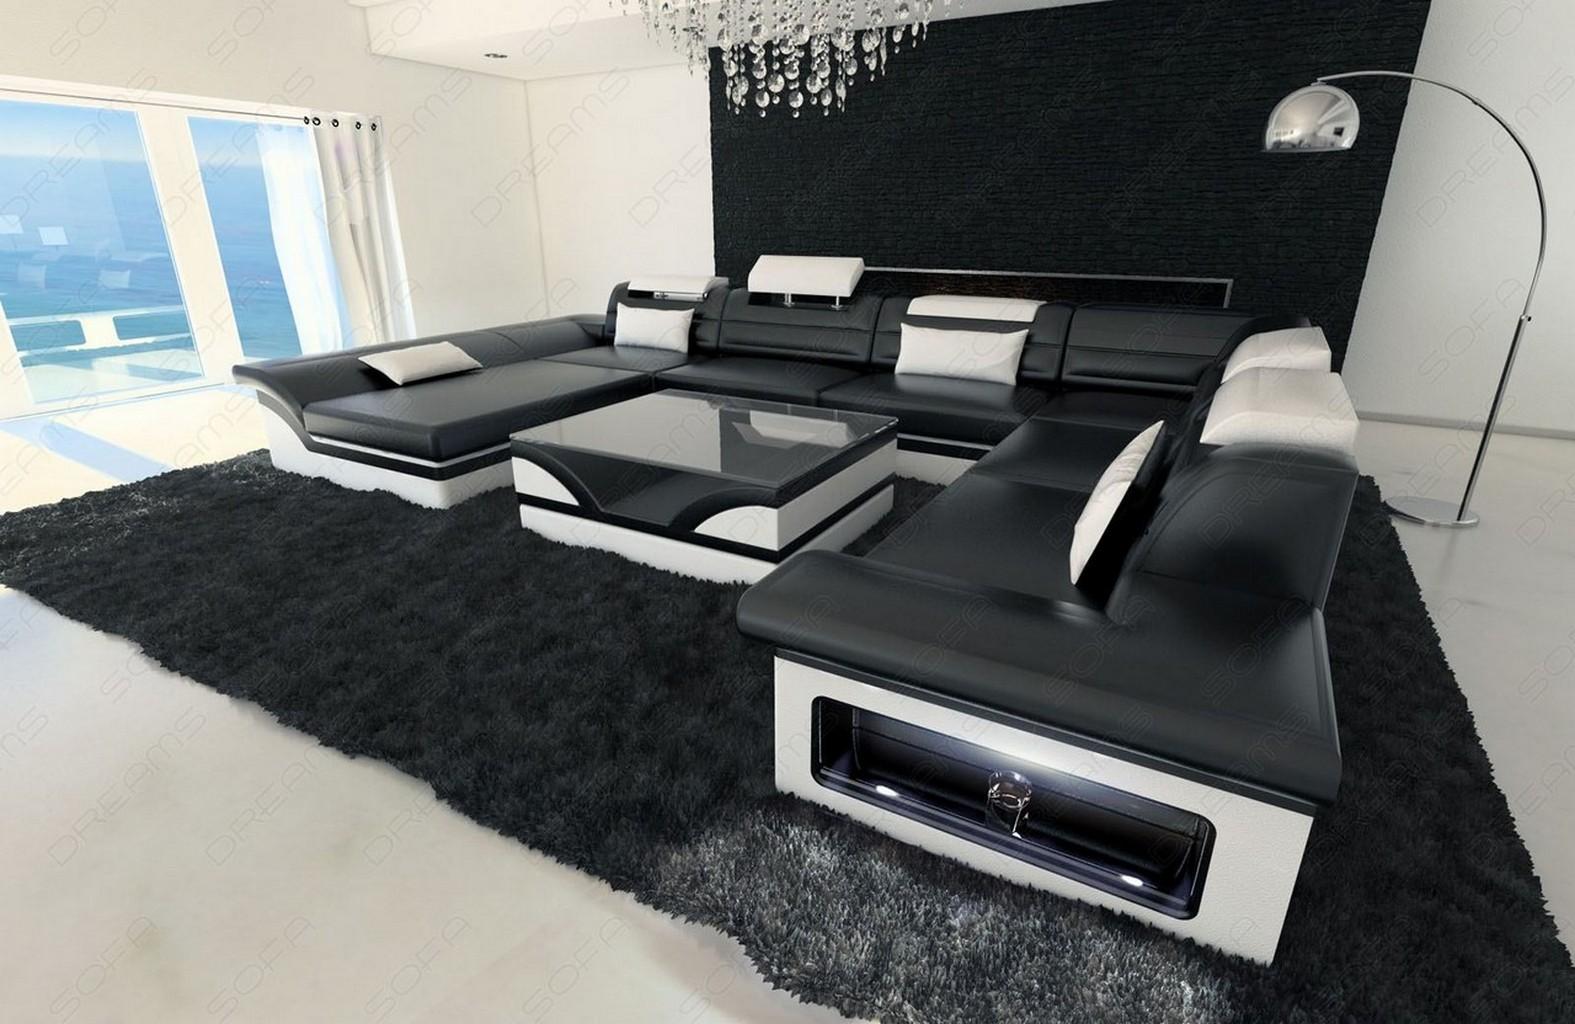 xxl sofa leder images page 695 homeandgarden. Black Bedroom Furniture Sets. Home Design Ideas